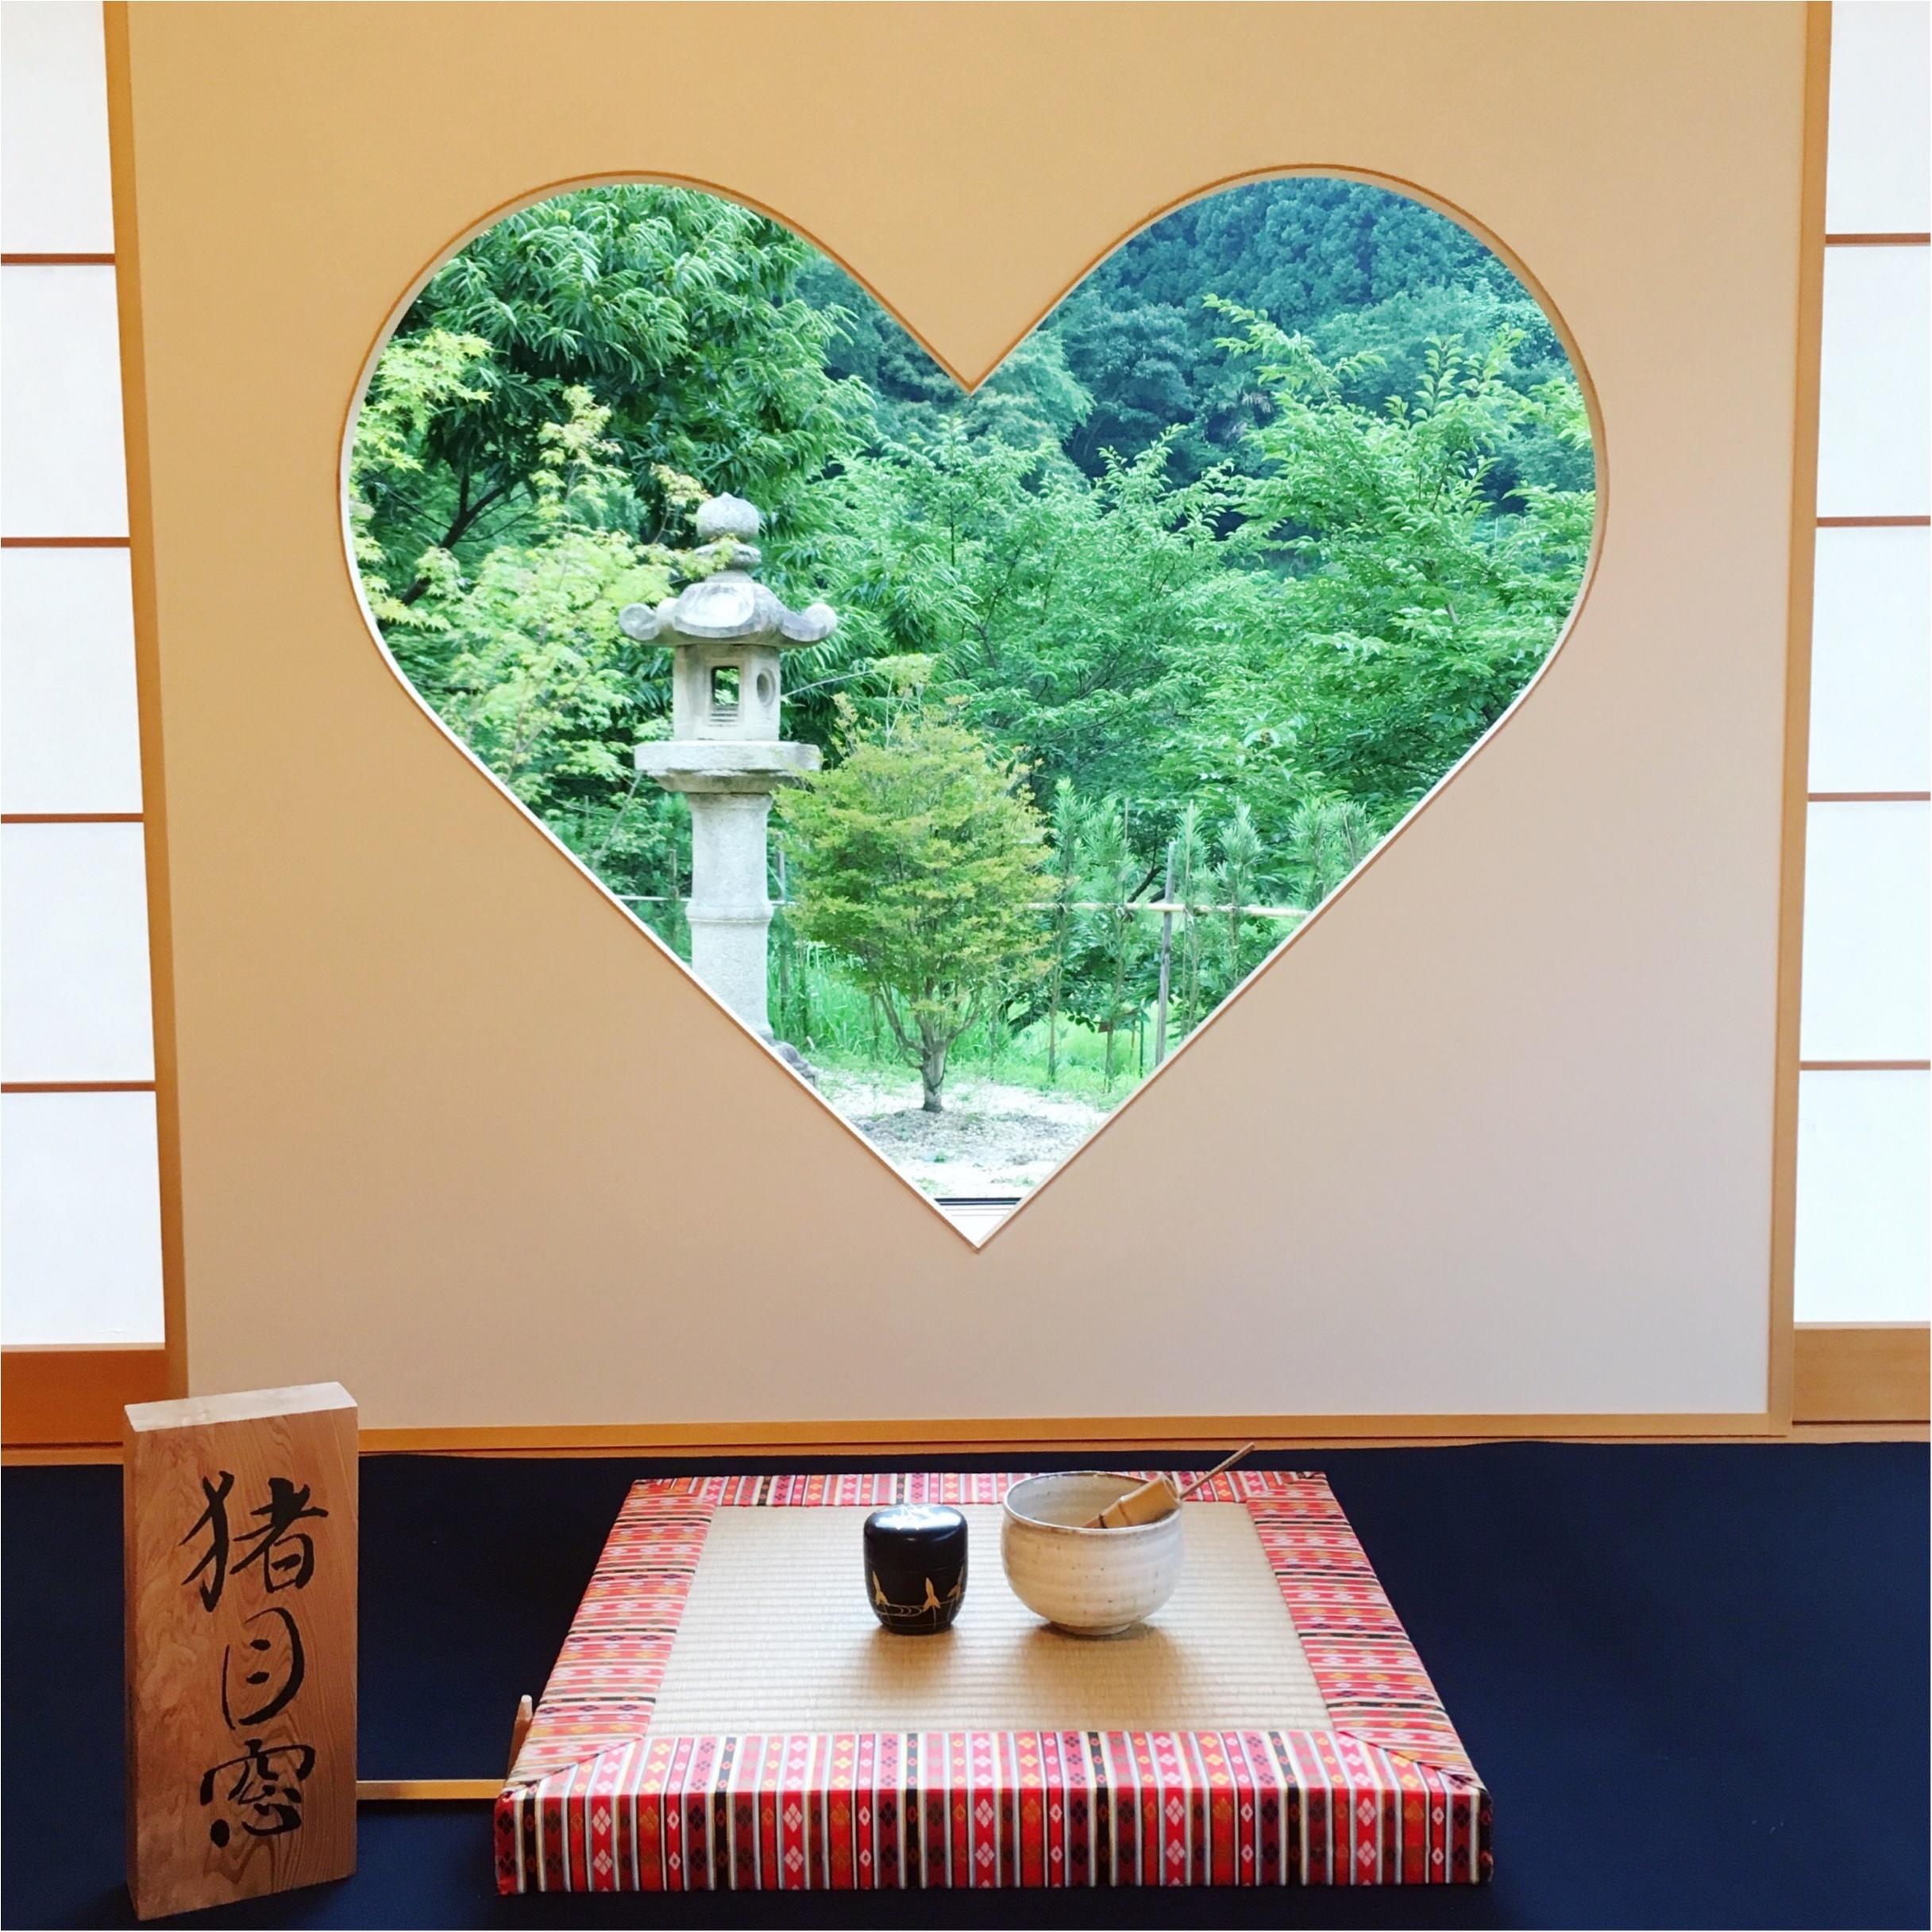 【フォトジェニックすぎる寺院】京都『正寿院』の魅力を紹介しちゃいます♡_2